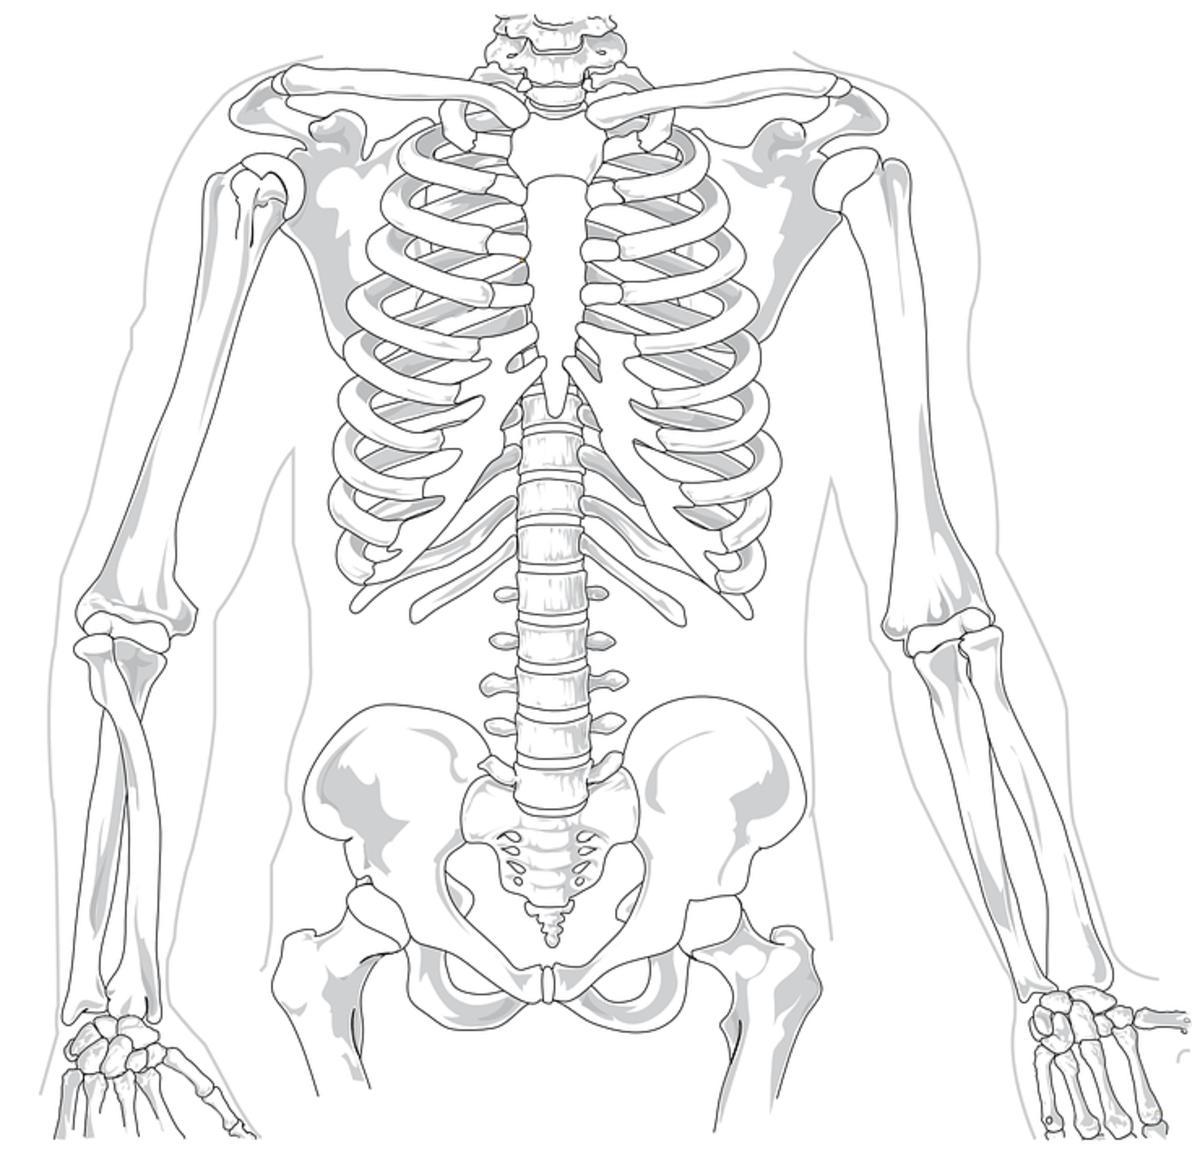 Sacroiliac Joint Dysfunction, Iliac Apophysitis, Trauma - Iliac Crest Contusion, Iliolumbar Syndrome, Iliotibial Band Syndrome, Piriformis Syndrome, Gluteus Medius Pain